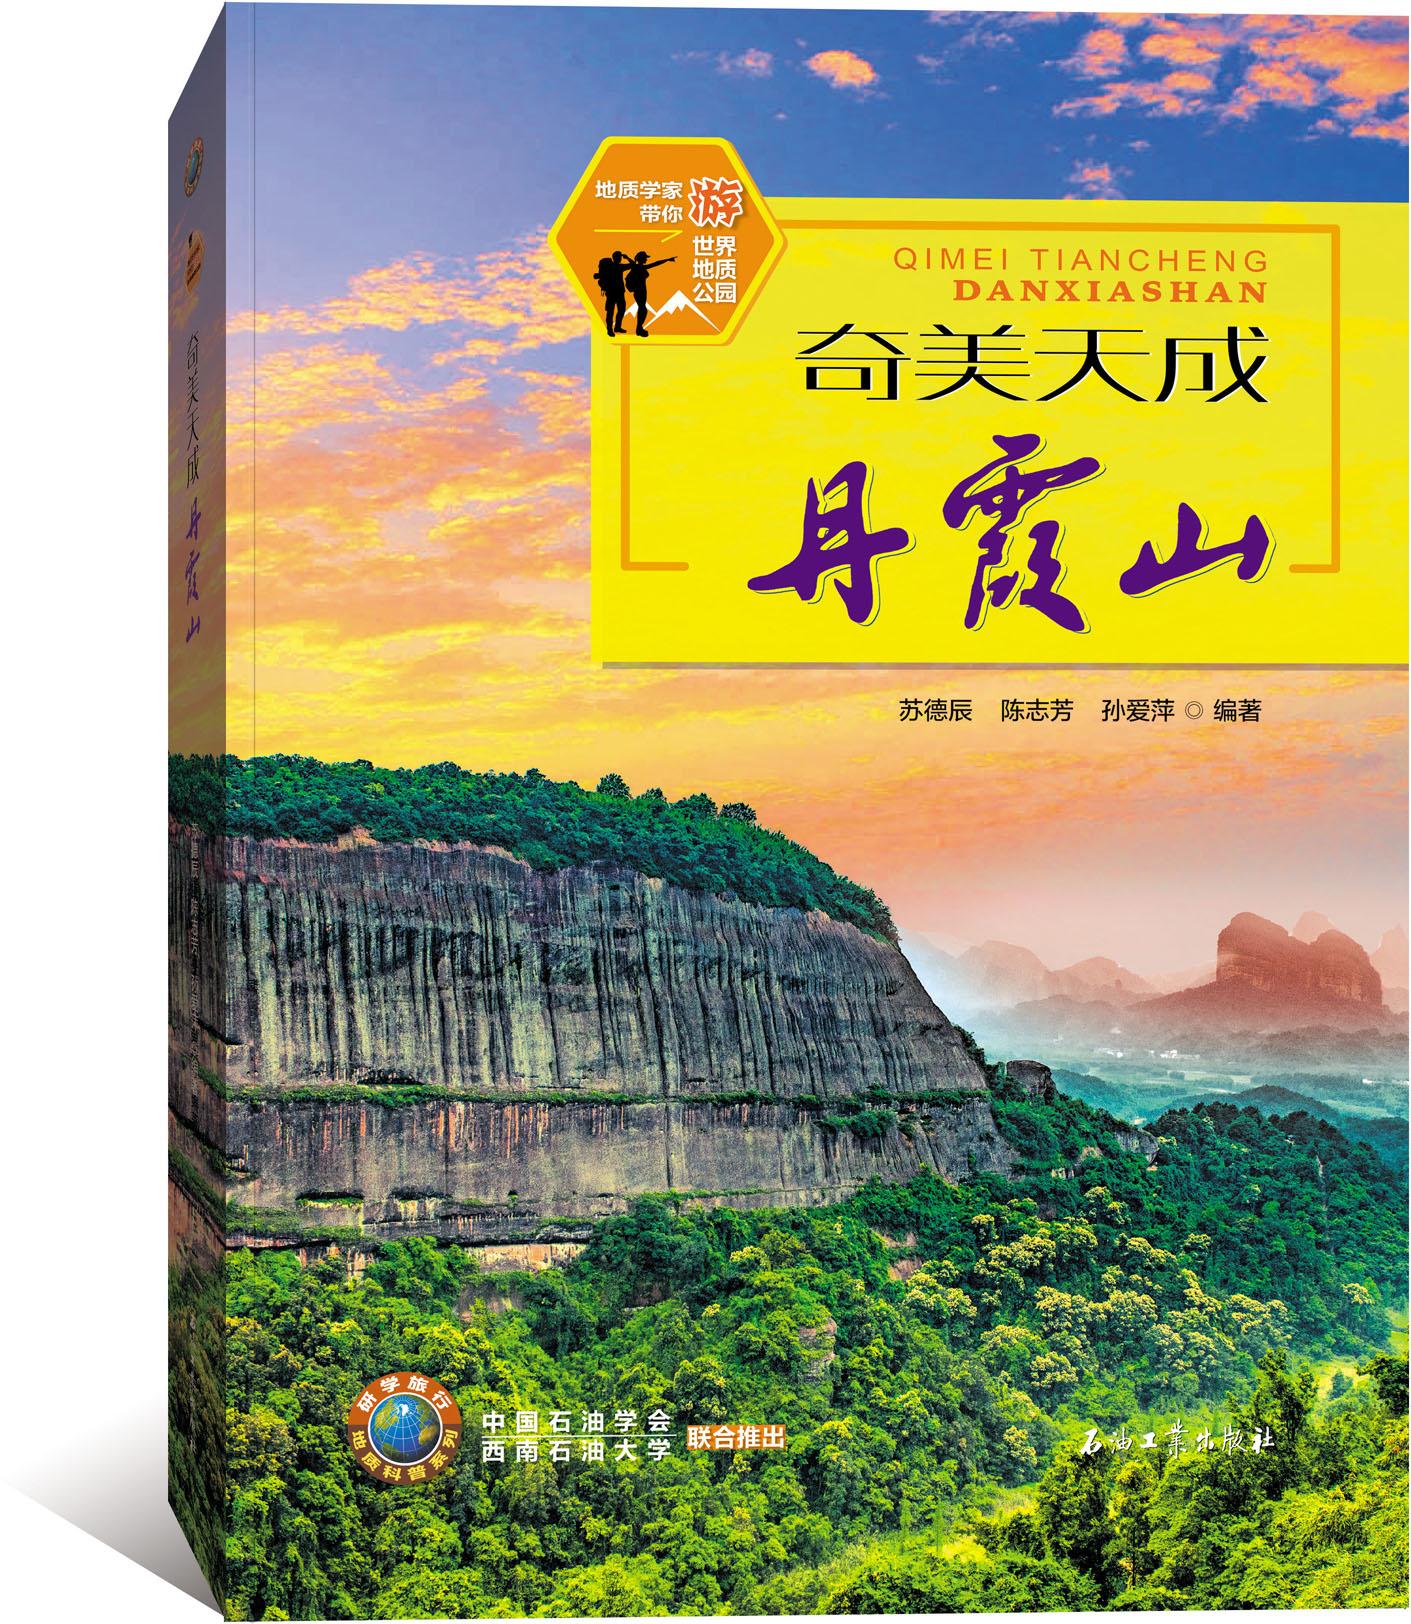 奇美天成丹霞山5.29_页面_000-封面.jpg